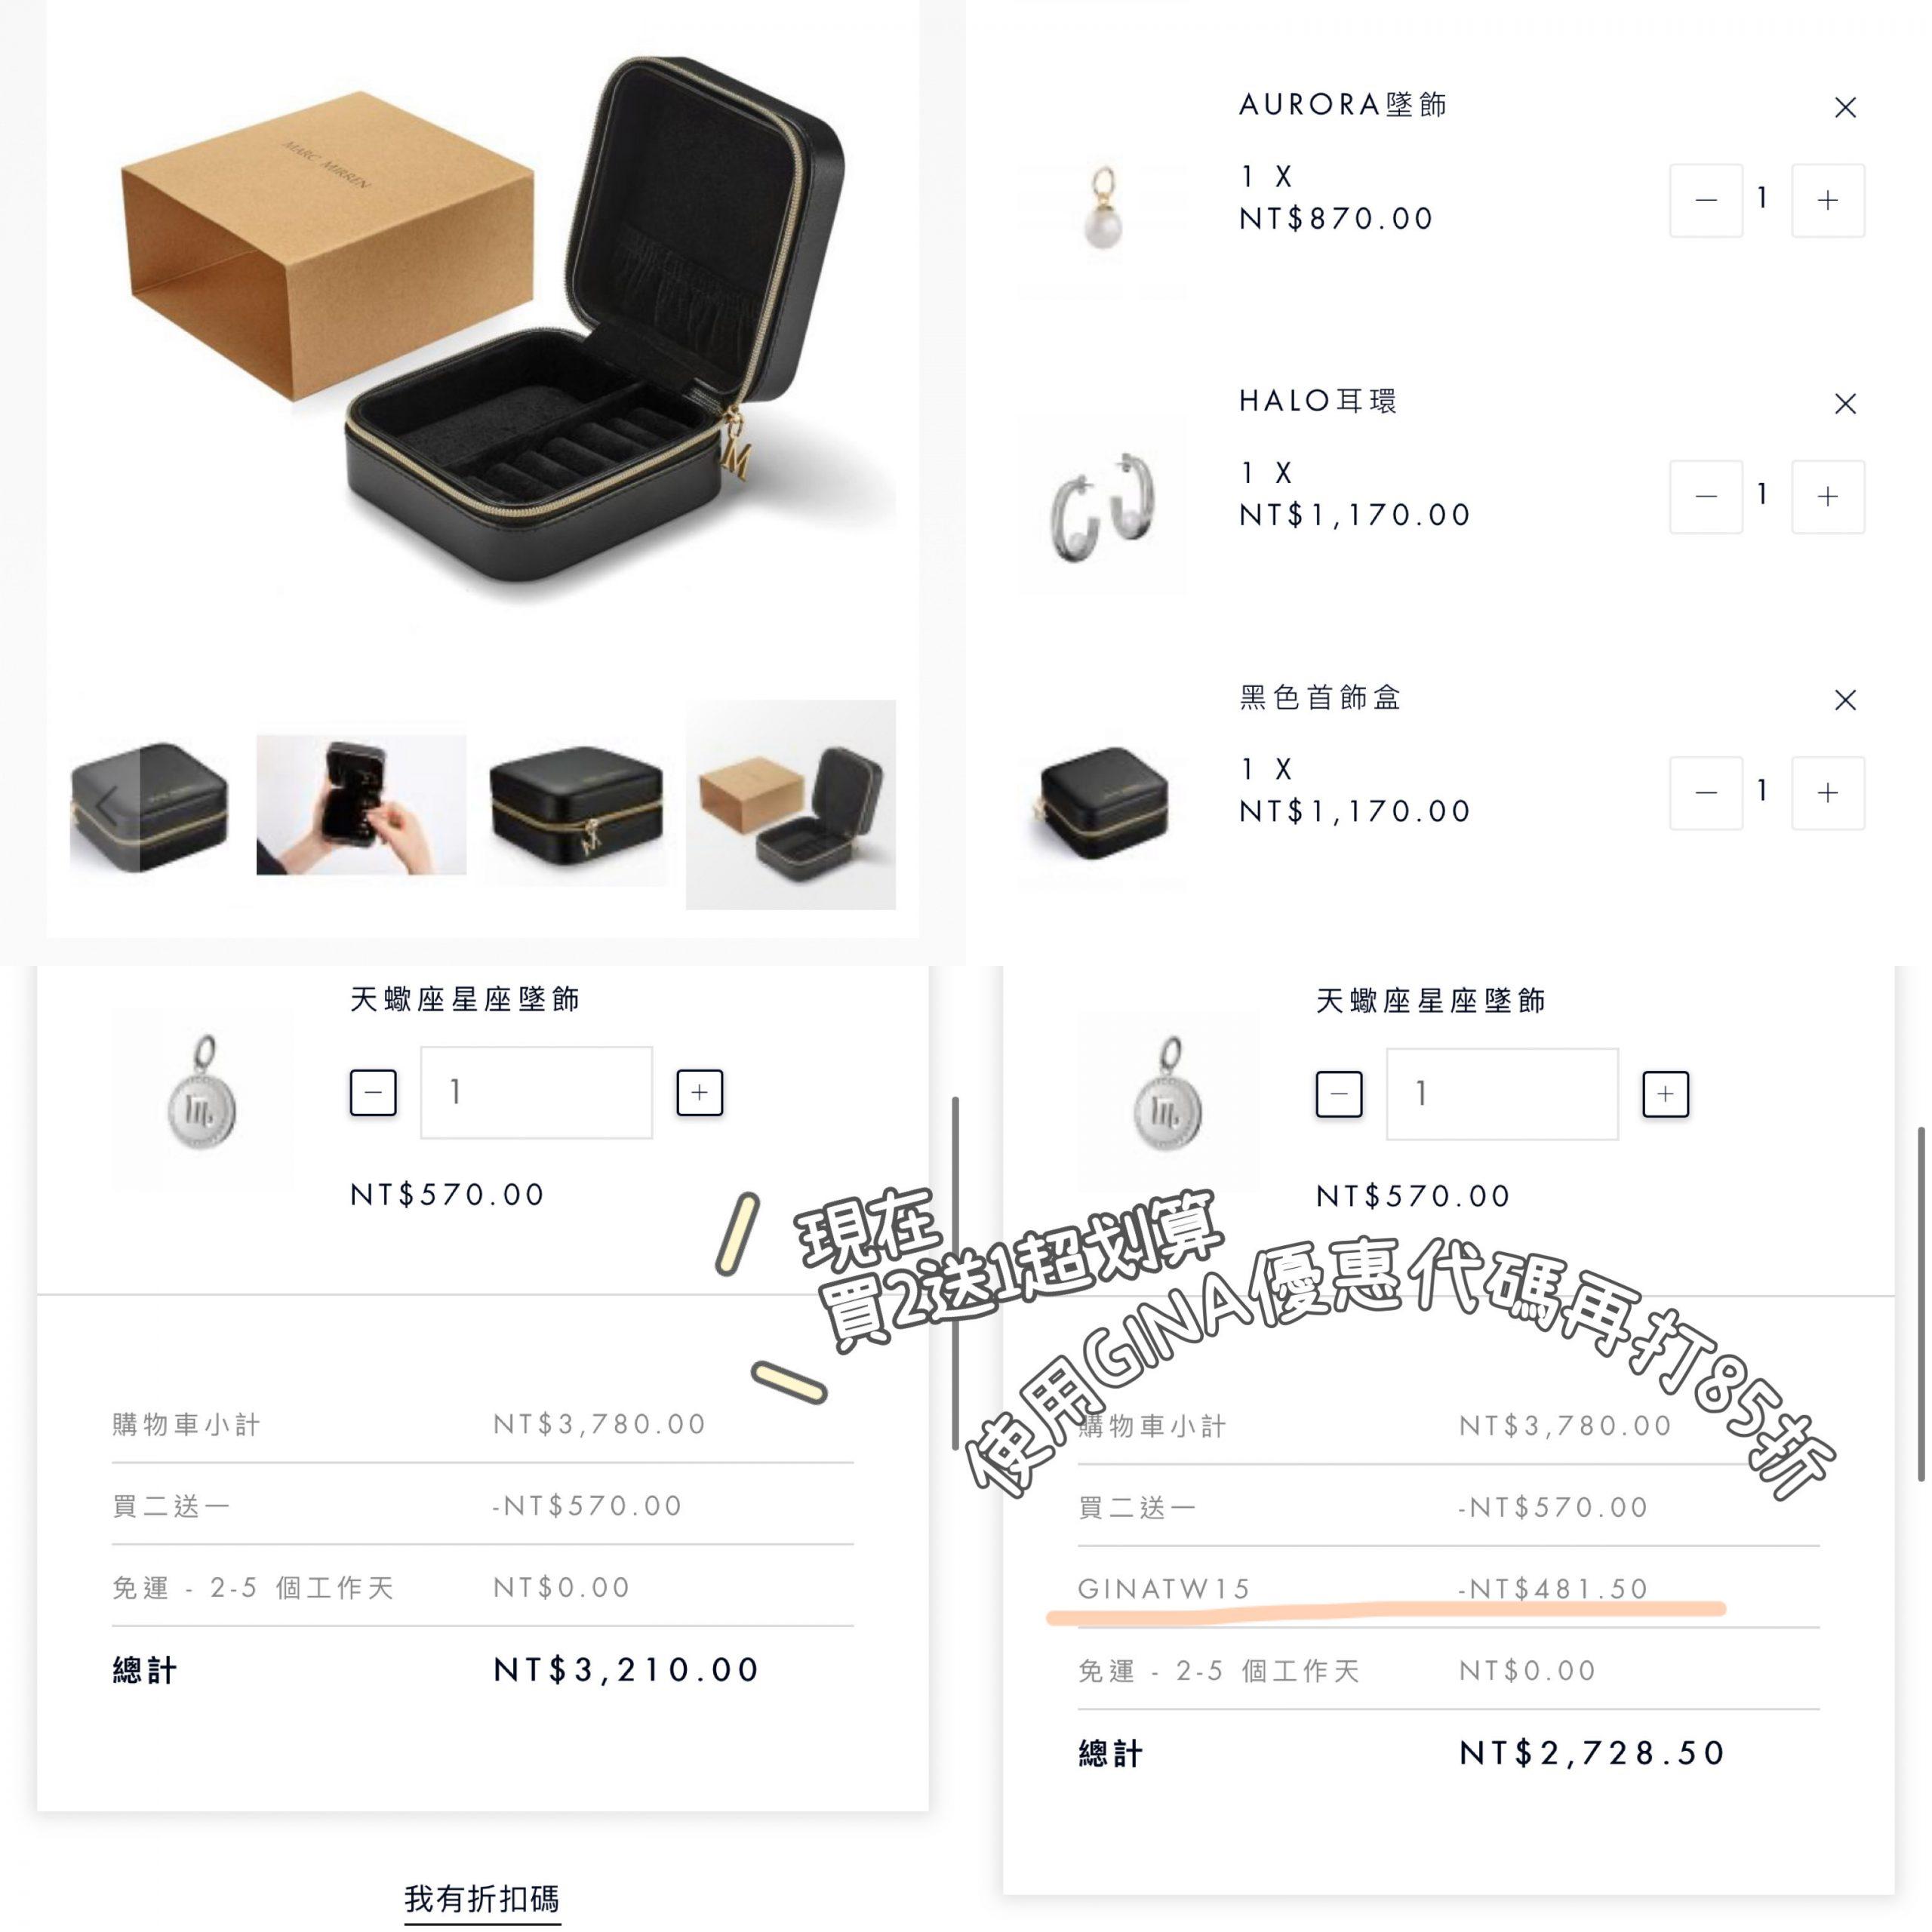 【飾品穿搭】Marc Mirren 北歐瑞典首飾品牌|優惠折扣碼、官網買二送一 @GINA環球旅行生活|不會韓文也可以去韓國